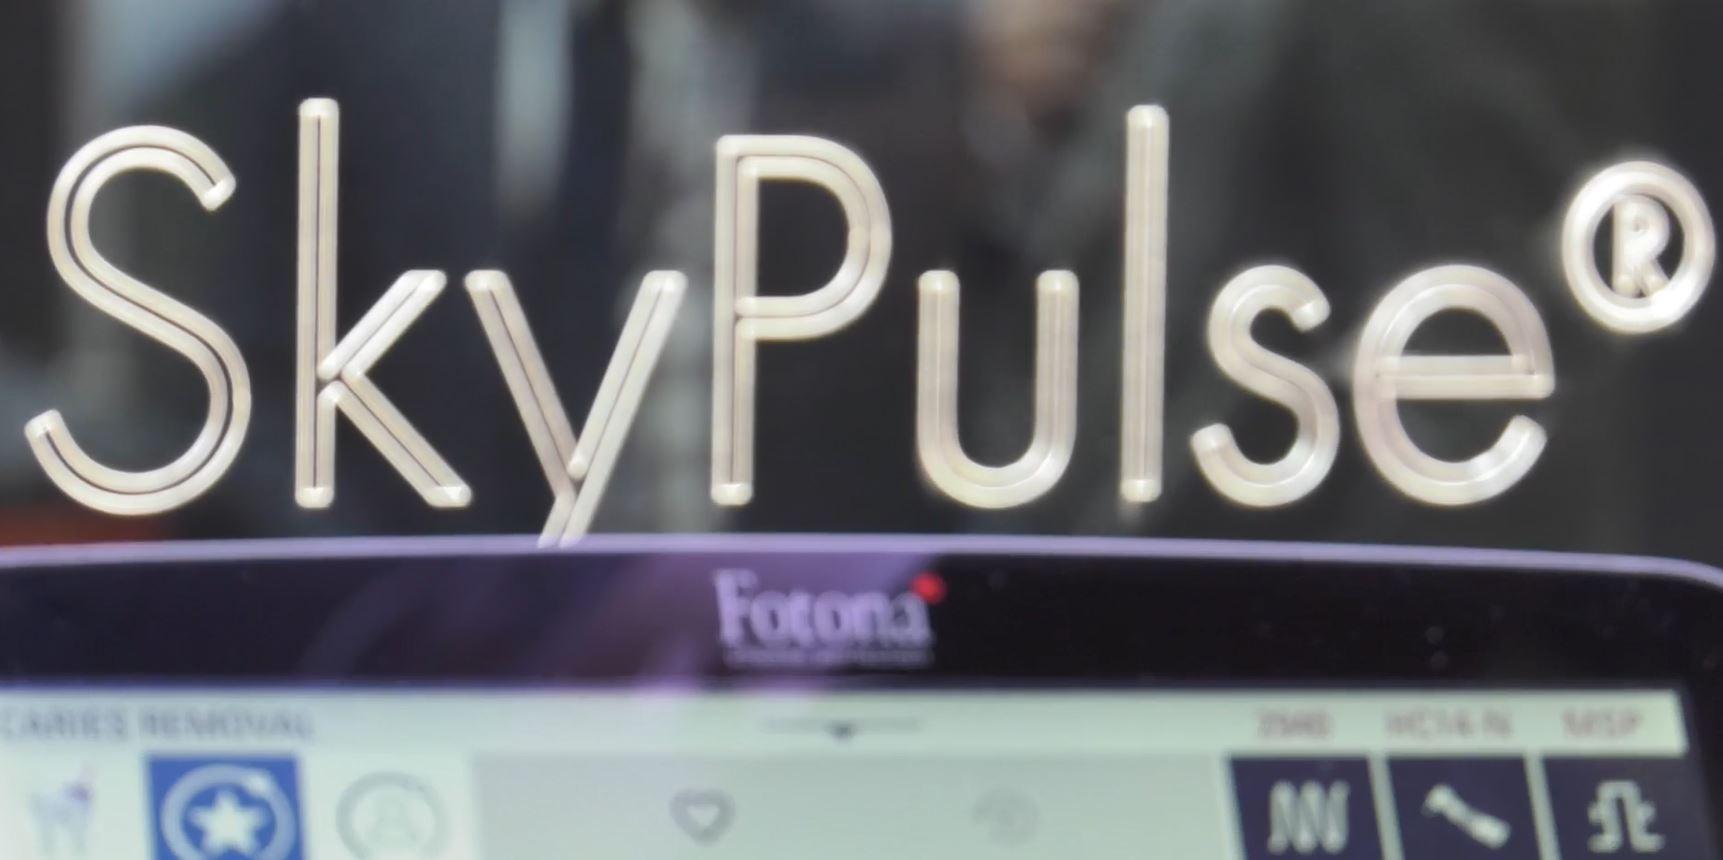 Fotona presents SkyPulse at IDS 2019